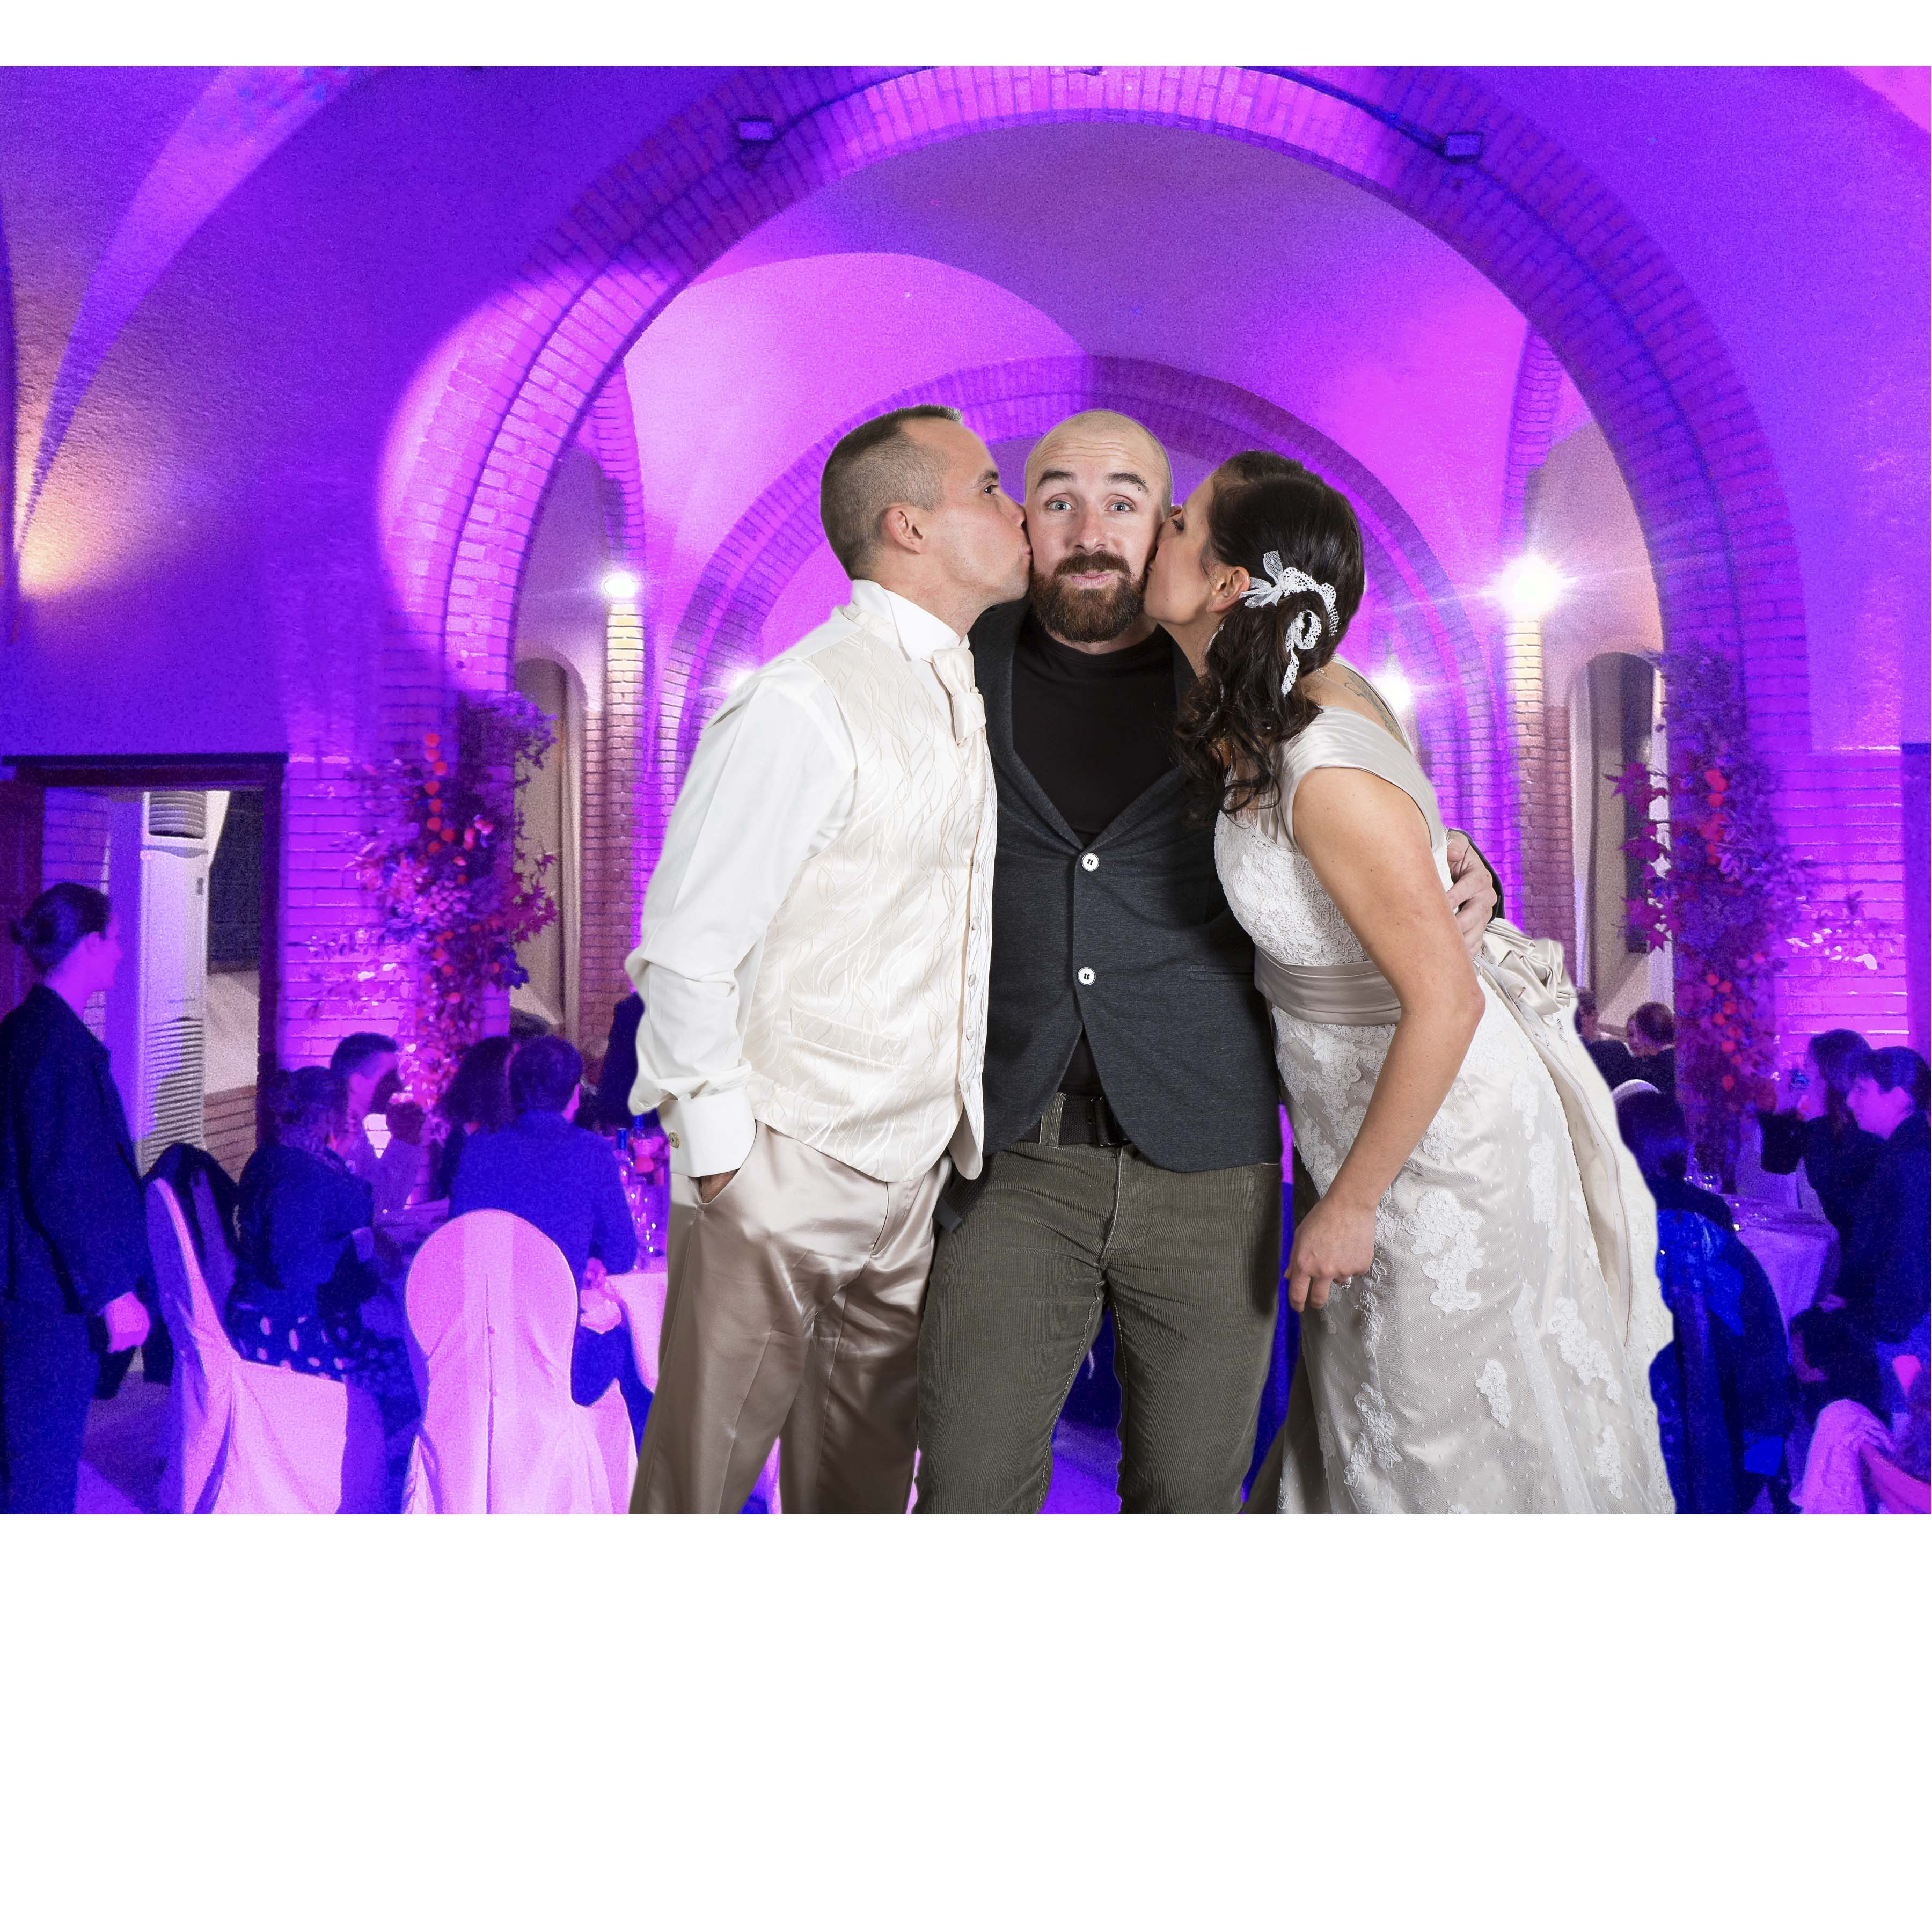 Dj-mariage-toulouse-bisous-mariés-vignette-full2